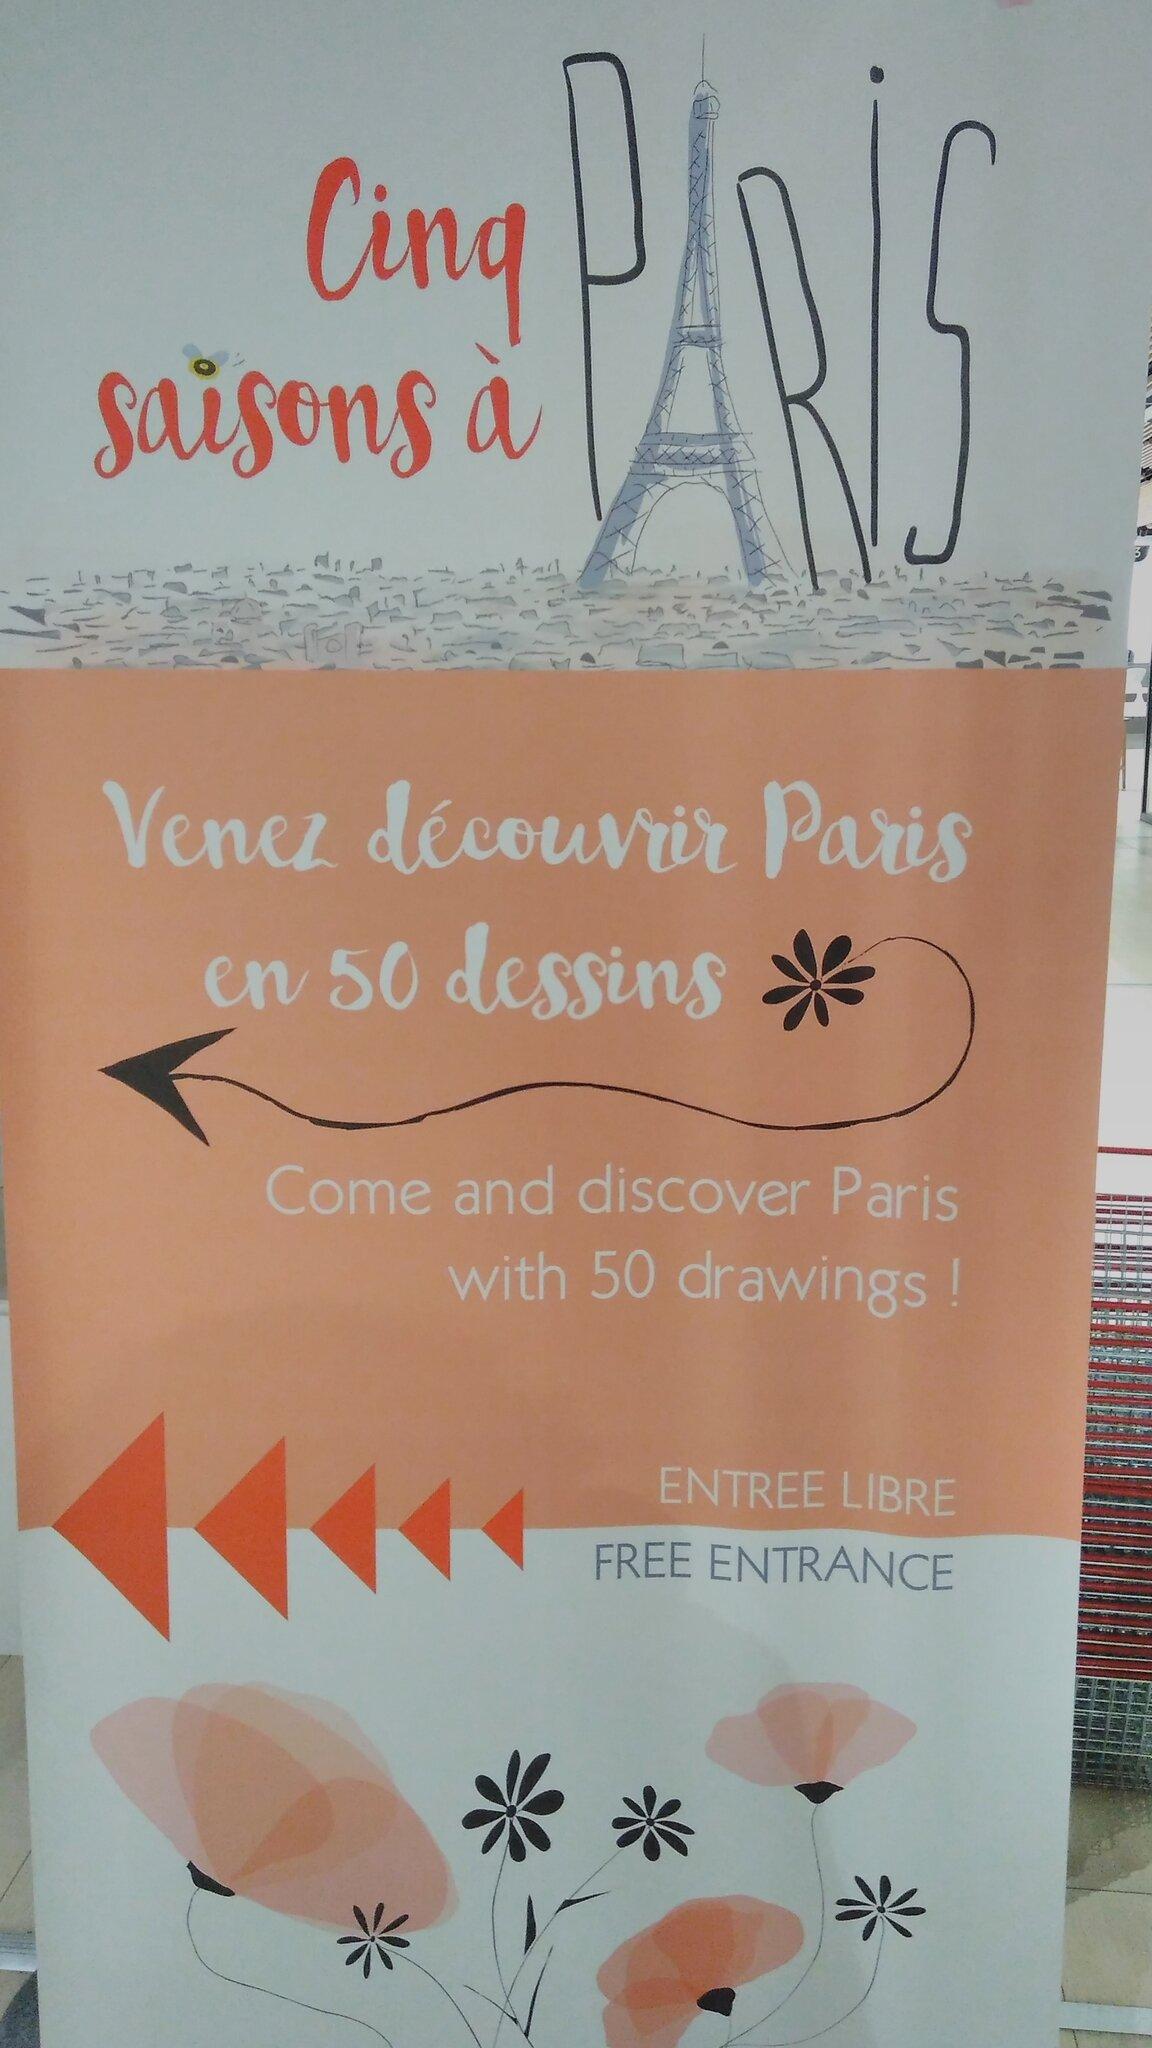 PARIS CELEBRE SES SAISONS